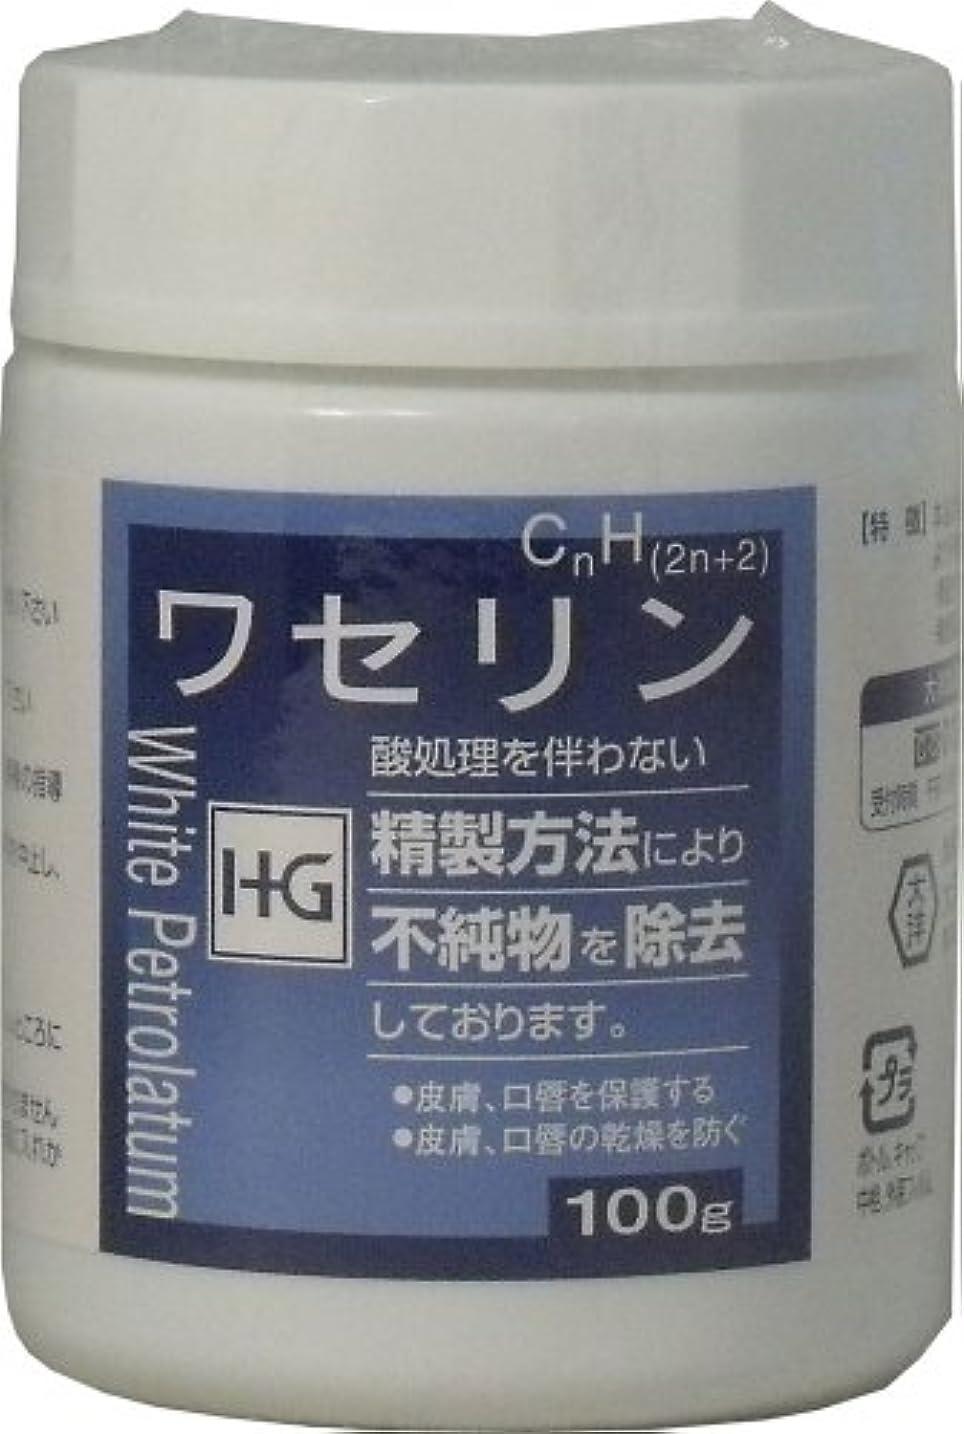 掻く悩む測定可能皮膚保護 ワセリンHG 100g